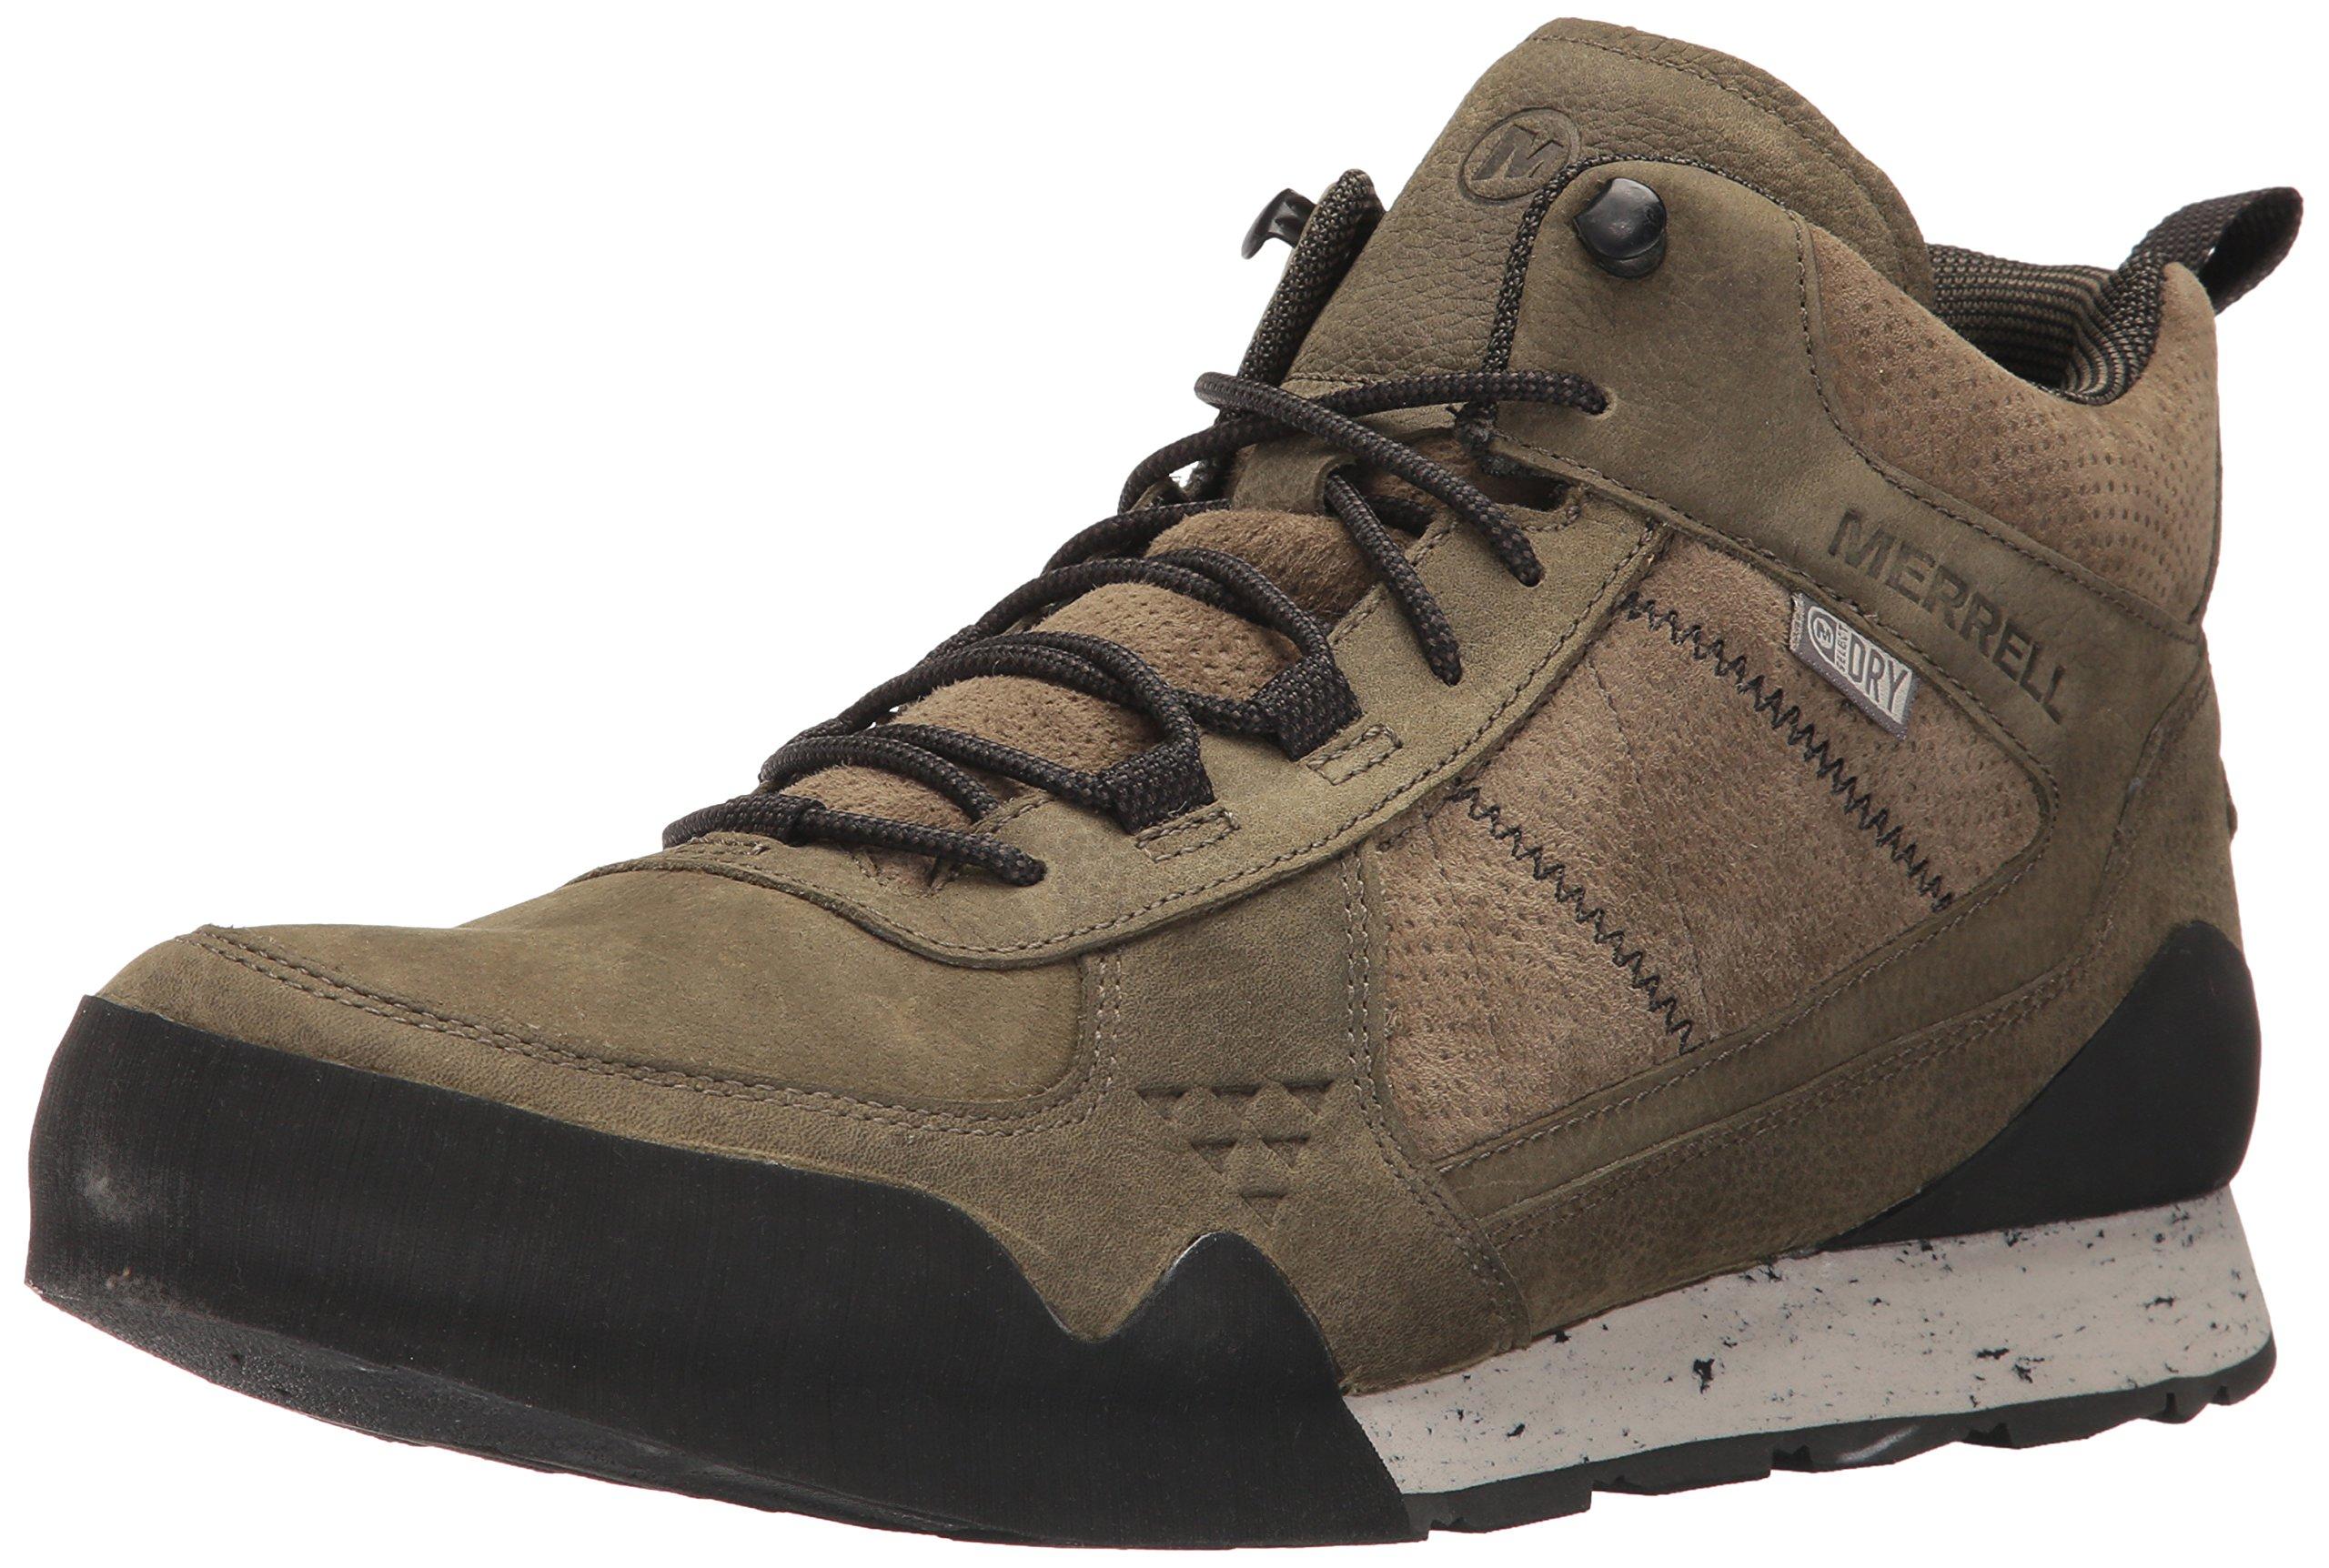 Merrell Men's Burnt Rock Mid Waterproof Fashion Sneaker, Dusty Olive, 10 M US